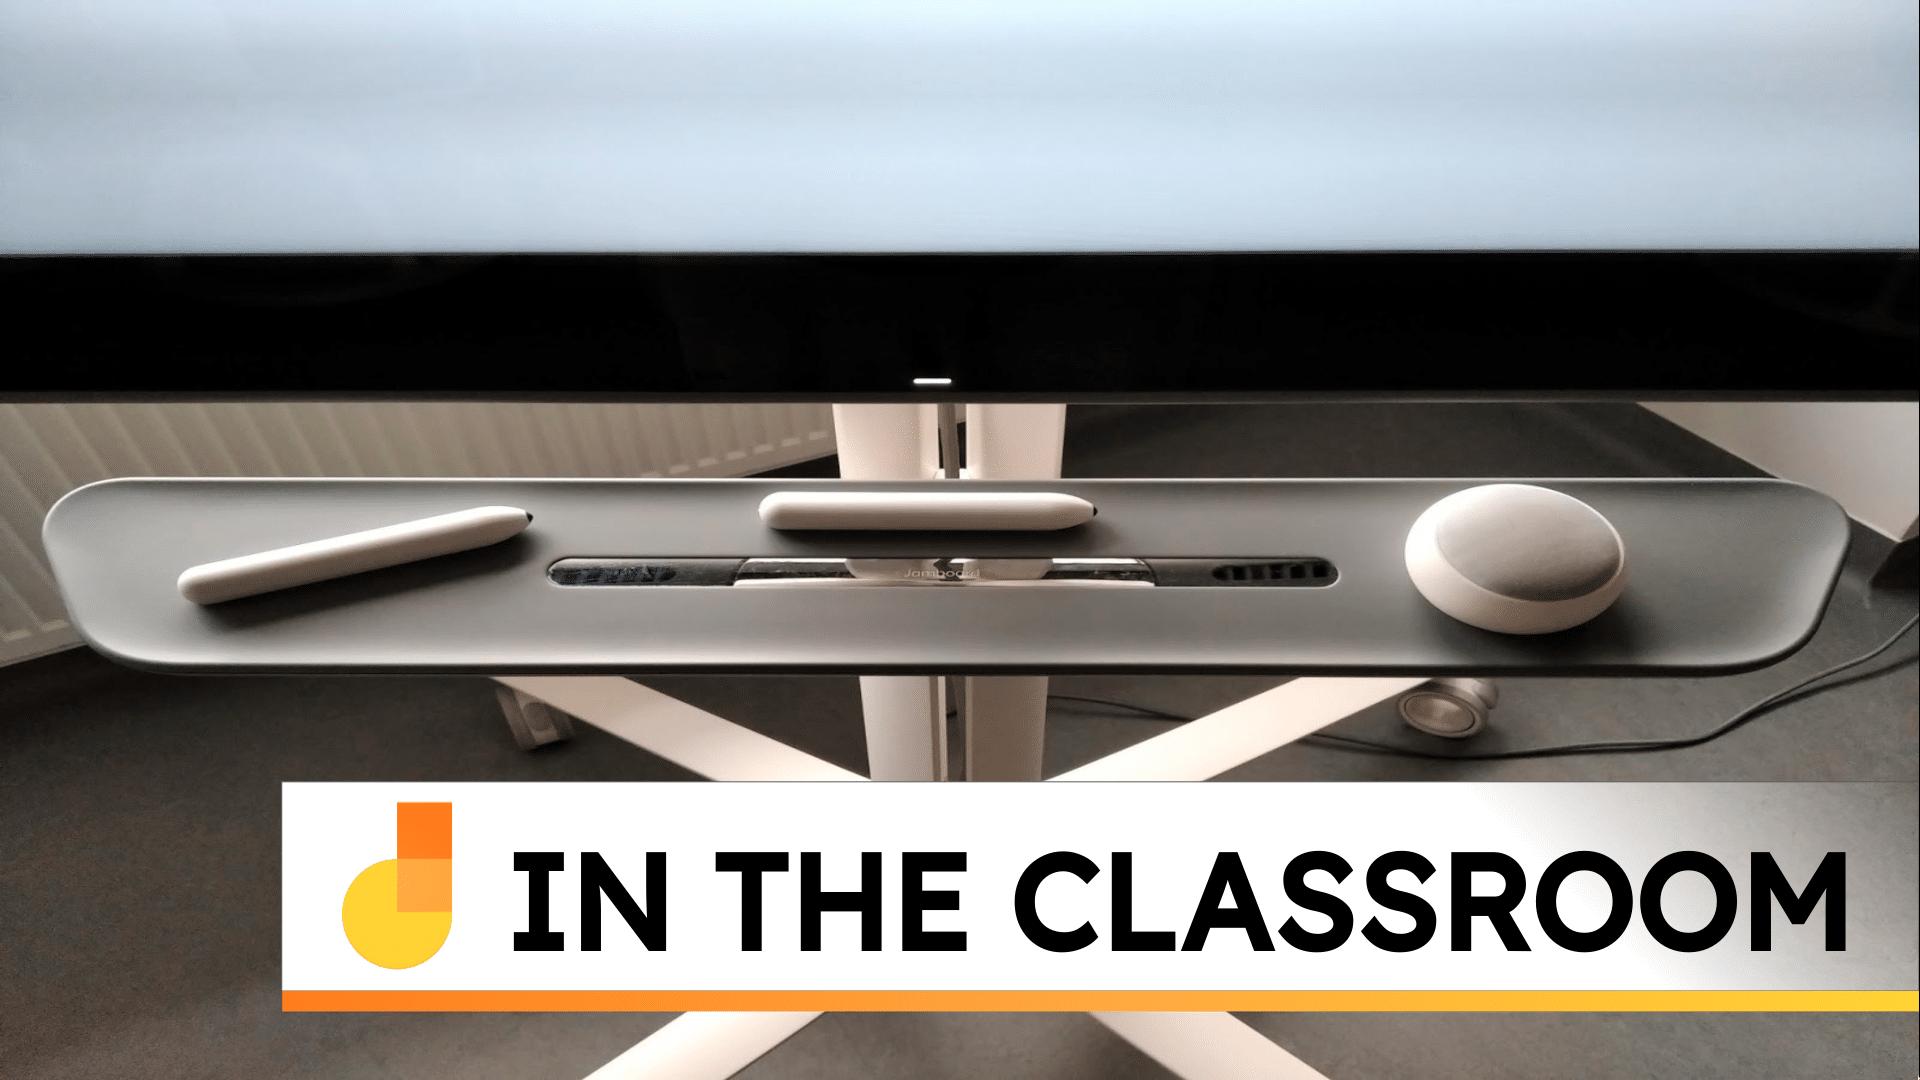 Jamboard in the Classroom